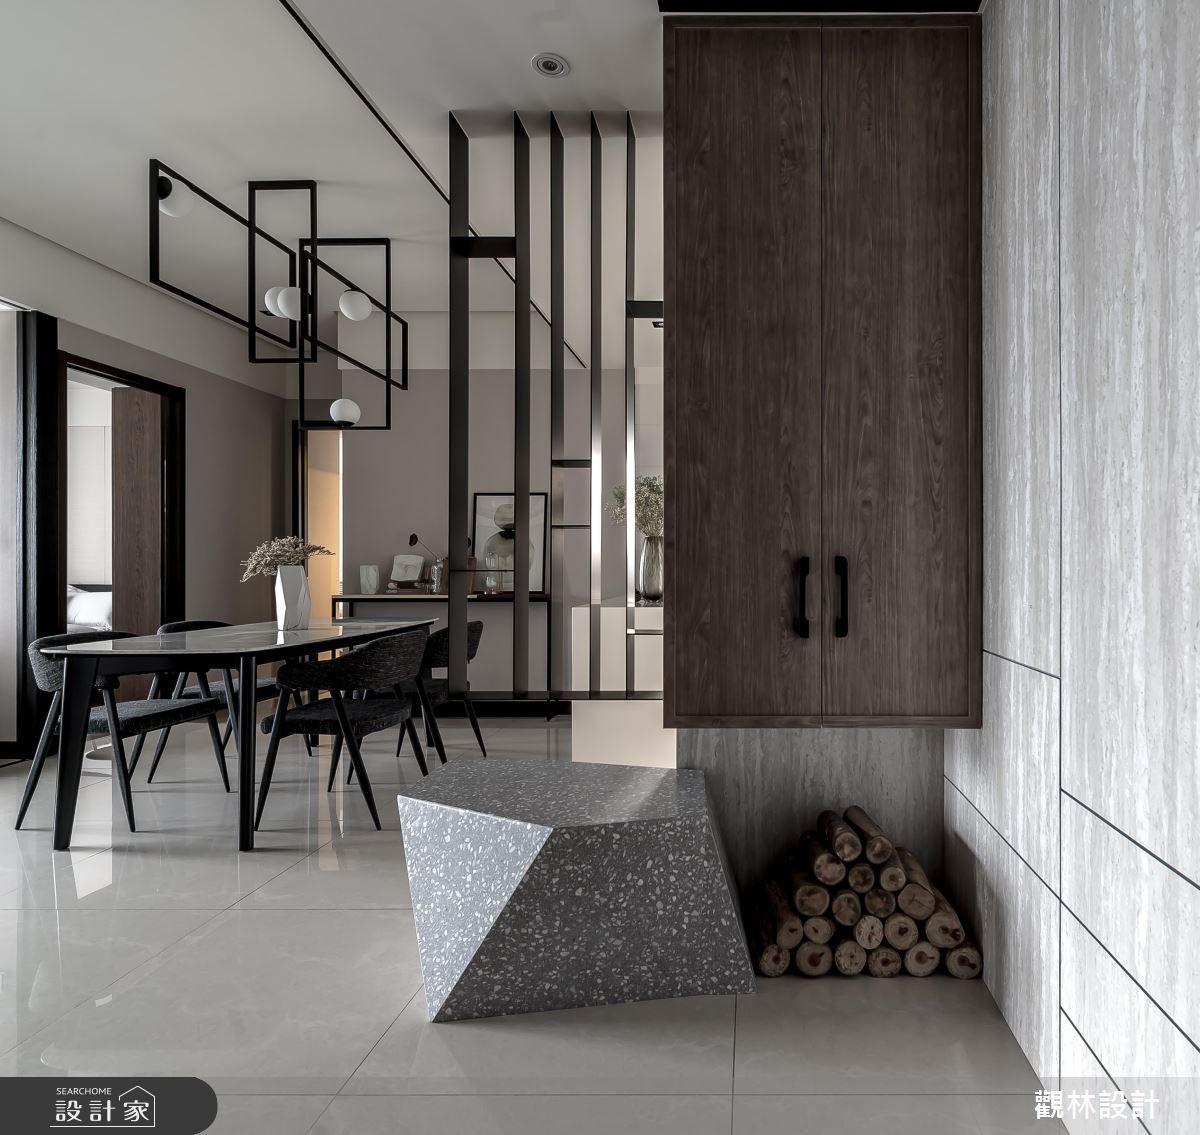 24坪新成屋(5年以下)_現代風玄關餐廳案例圖片_觀林設計_觀林_48之1